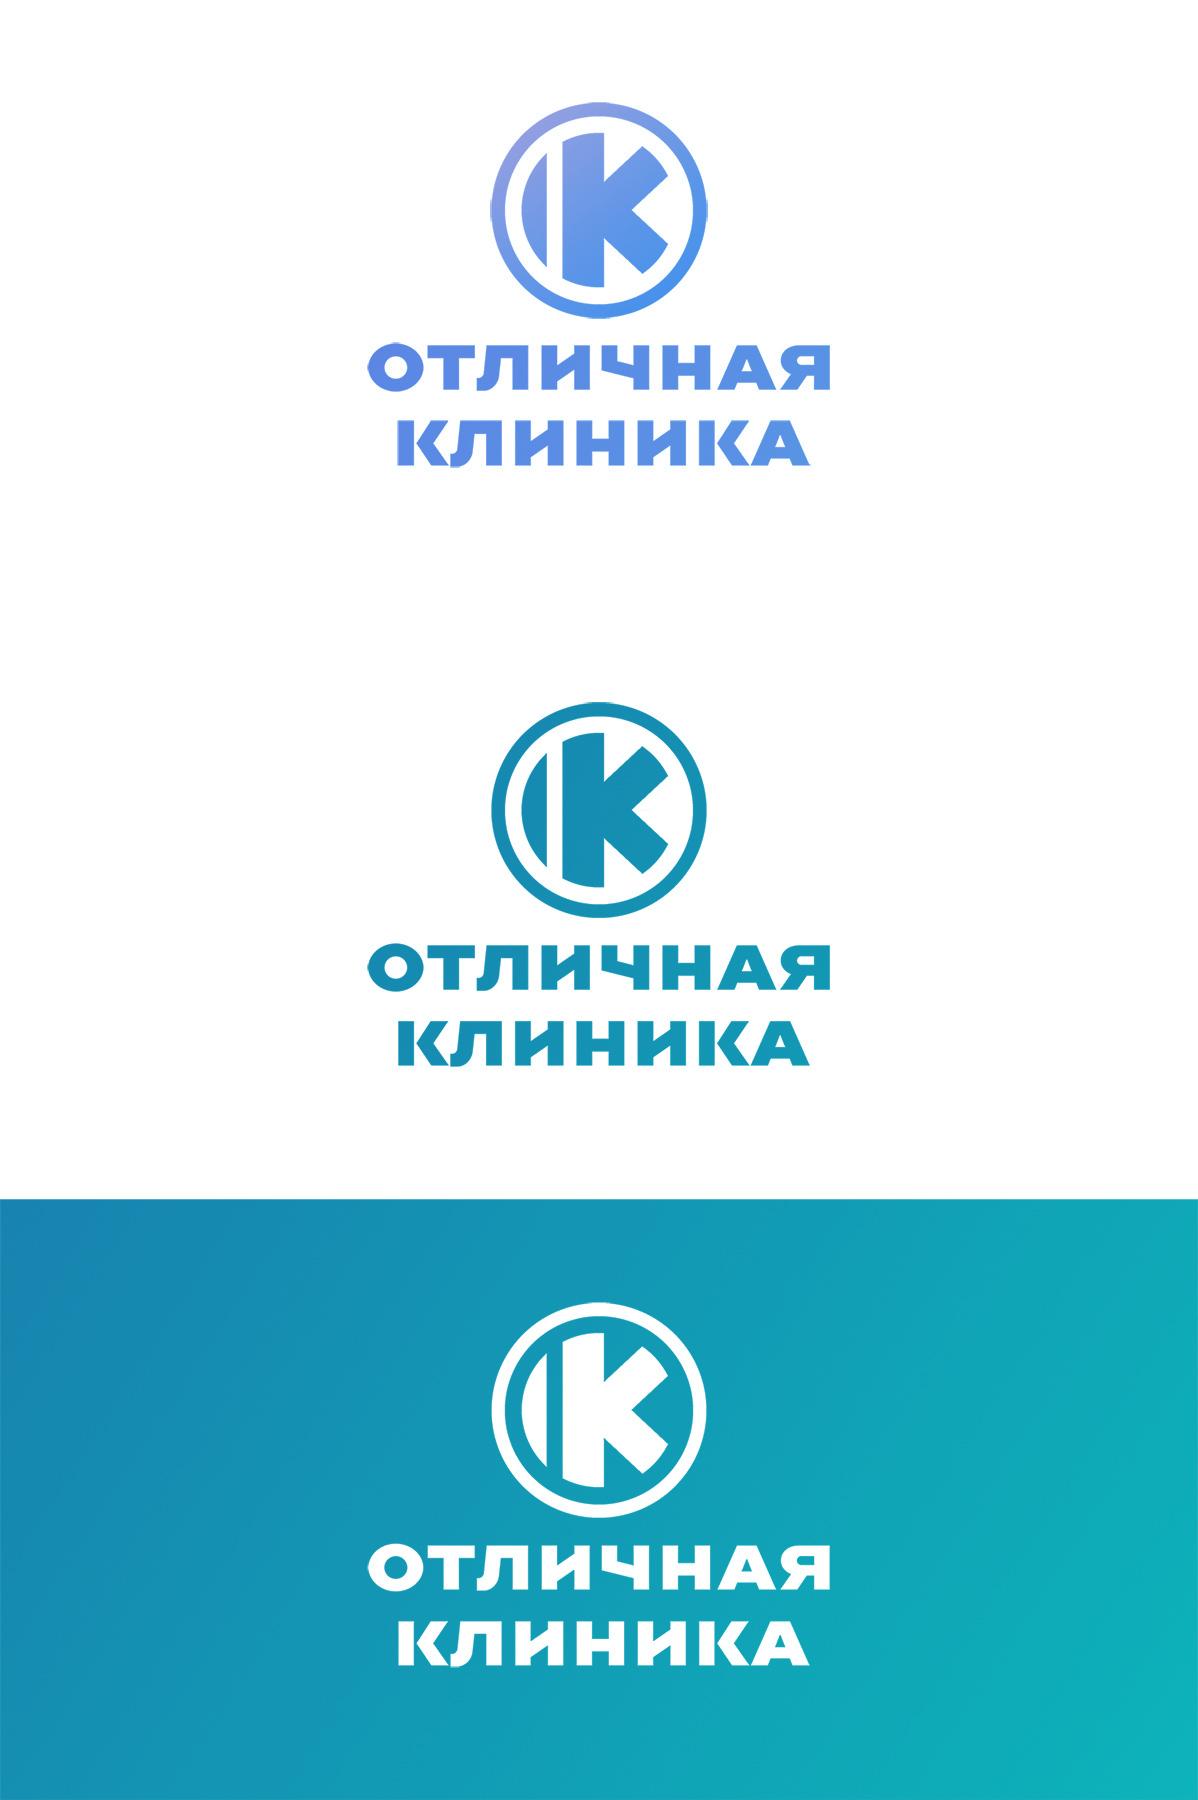 Логотип и фирменный стиль частной клиники фото f_9285c93c116343eb.jpg